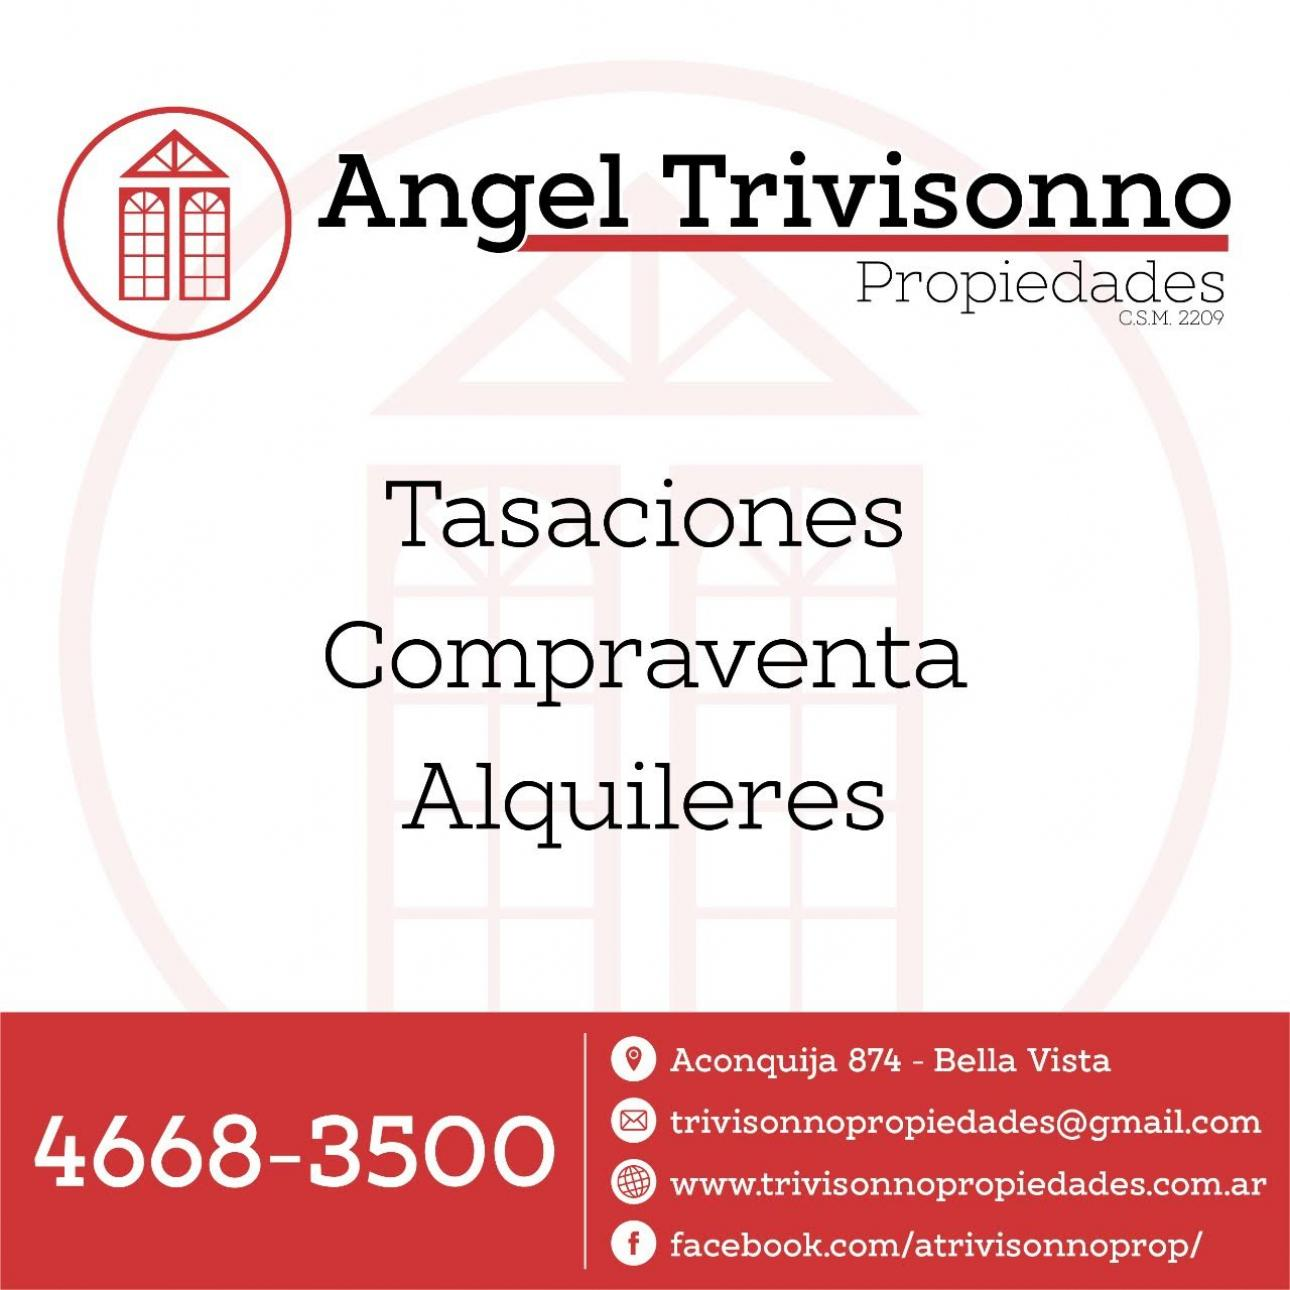 Angel Trivisonno Propiedades,  de Departamento en Bella Vista   San Miguel